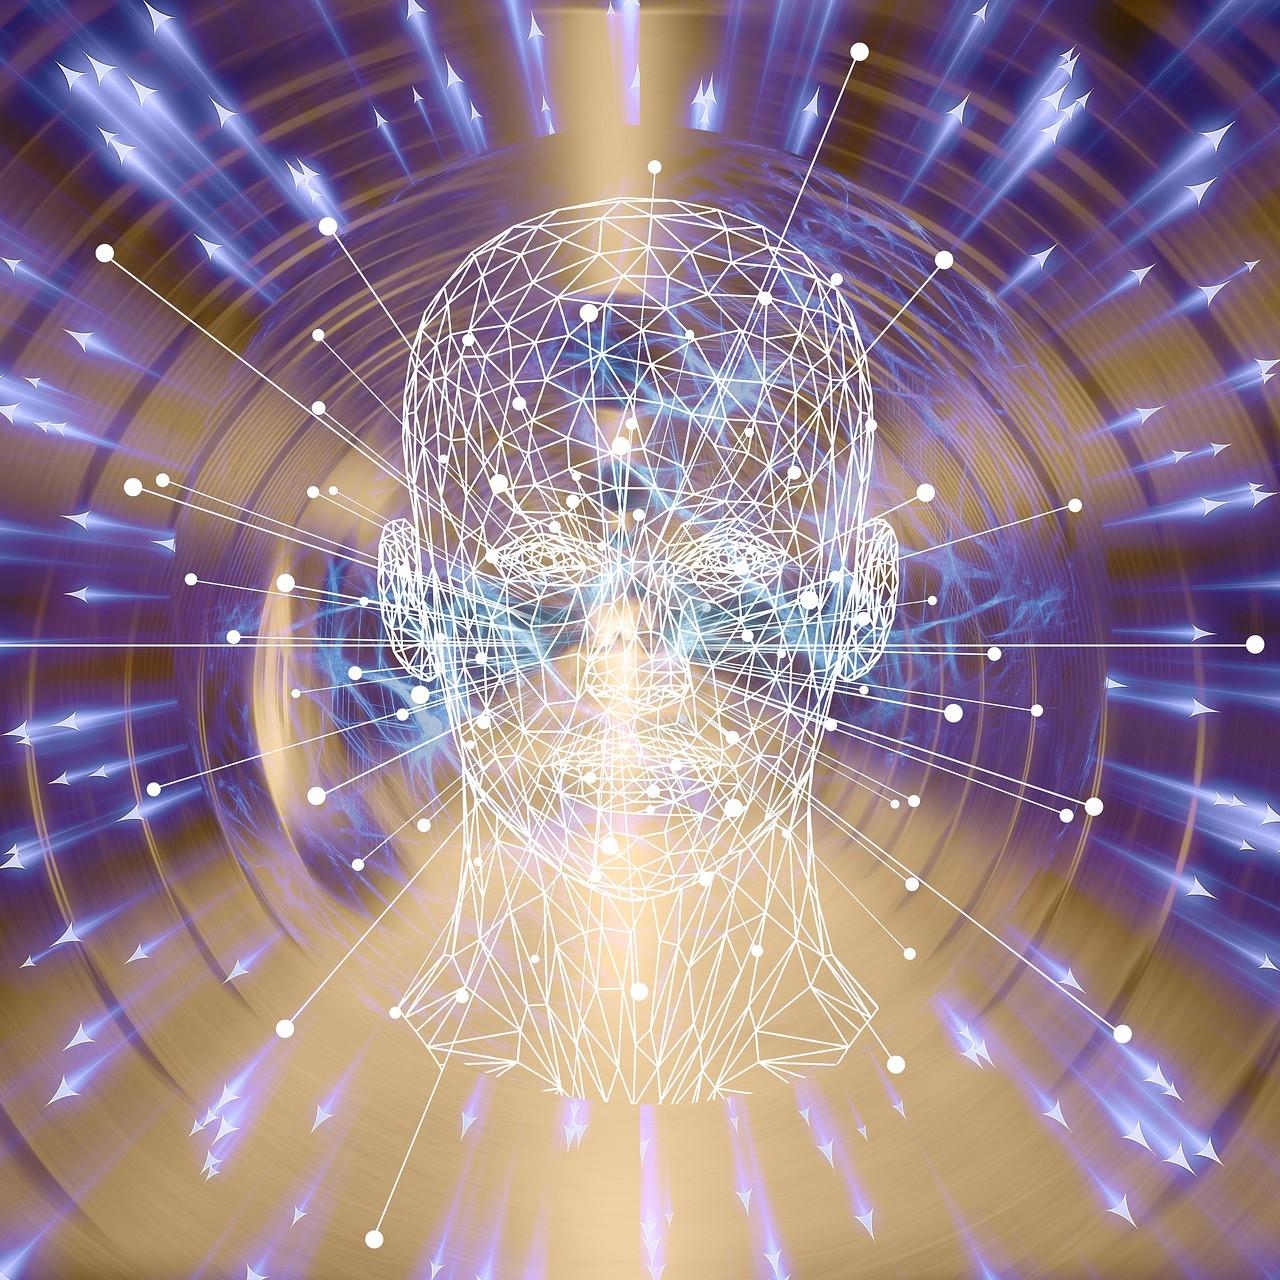 Image représentant une visage humain en transparence, traversé de flux lumineux